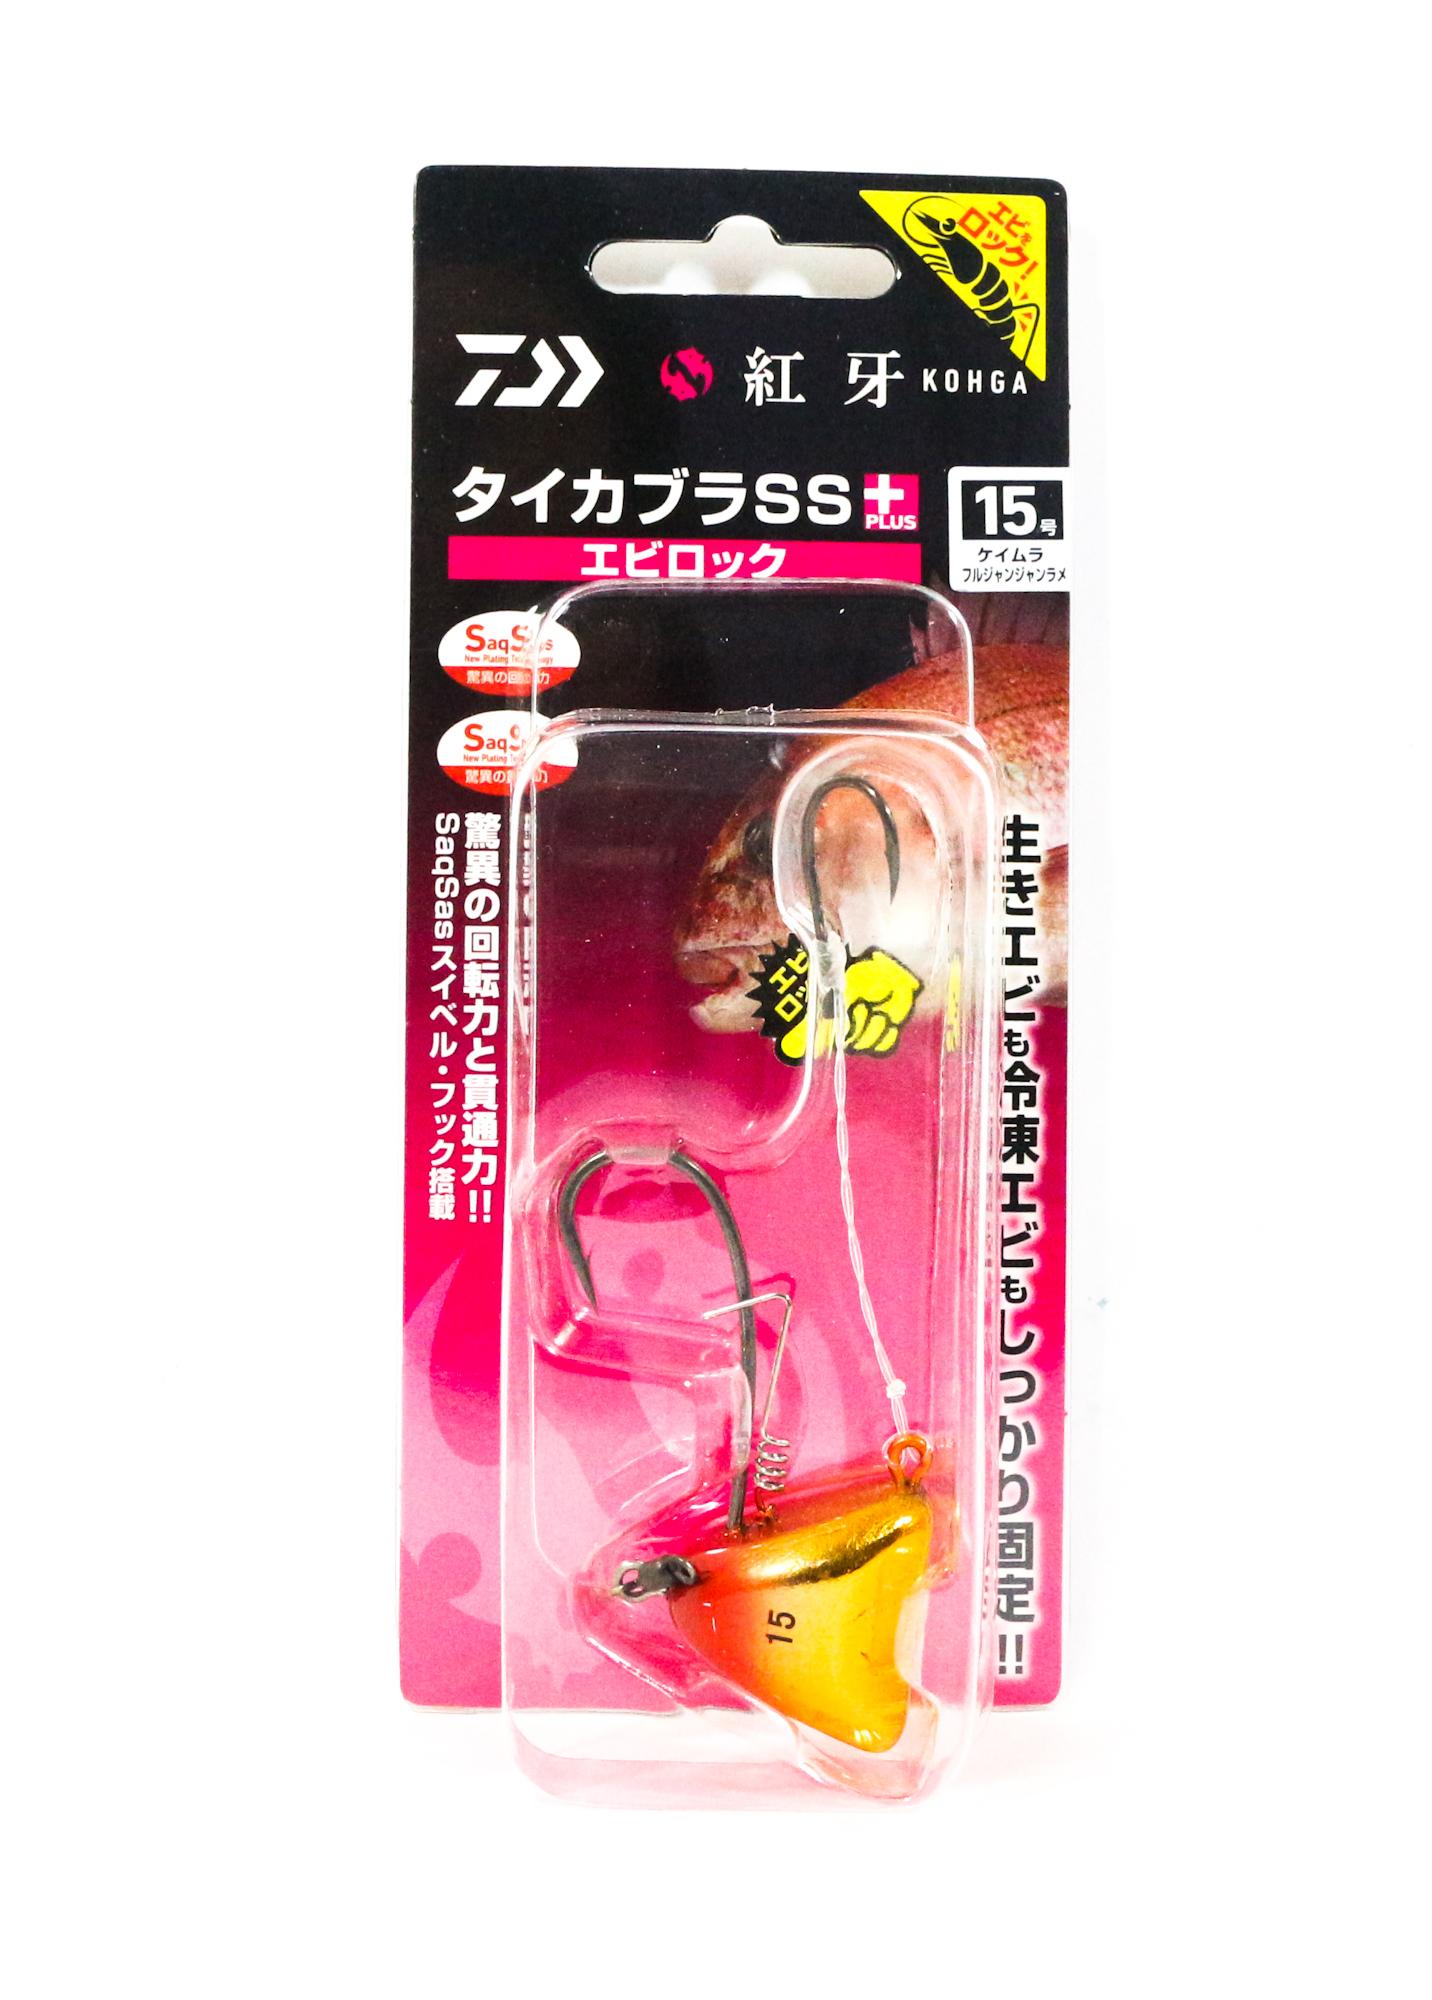 Daiwa Kabura SS+ Tenya Jig Size 15 UV OR/Gold 003271